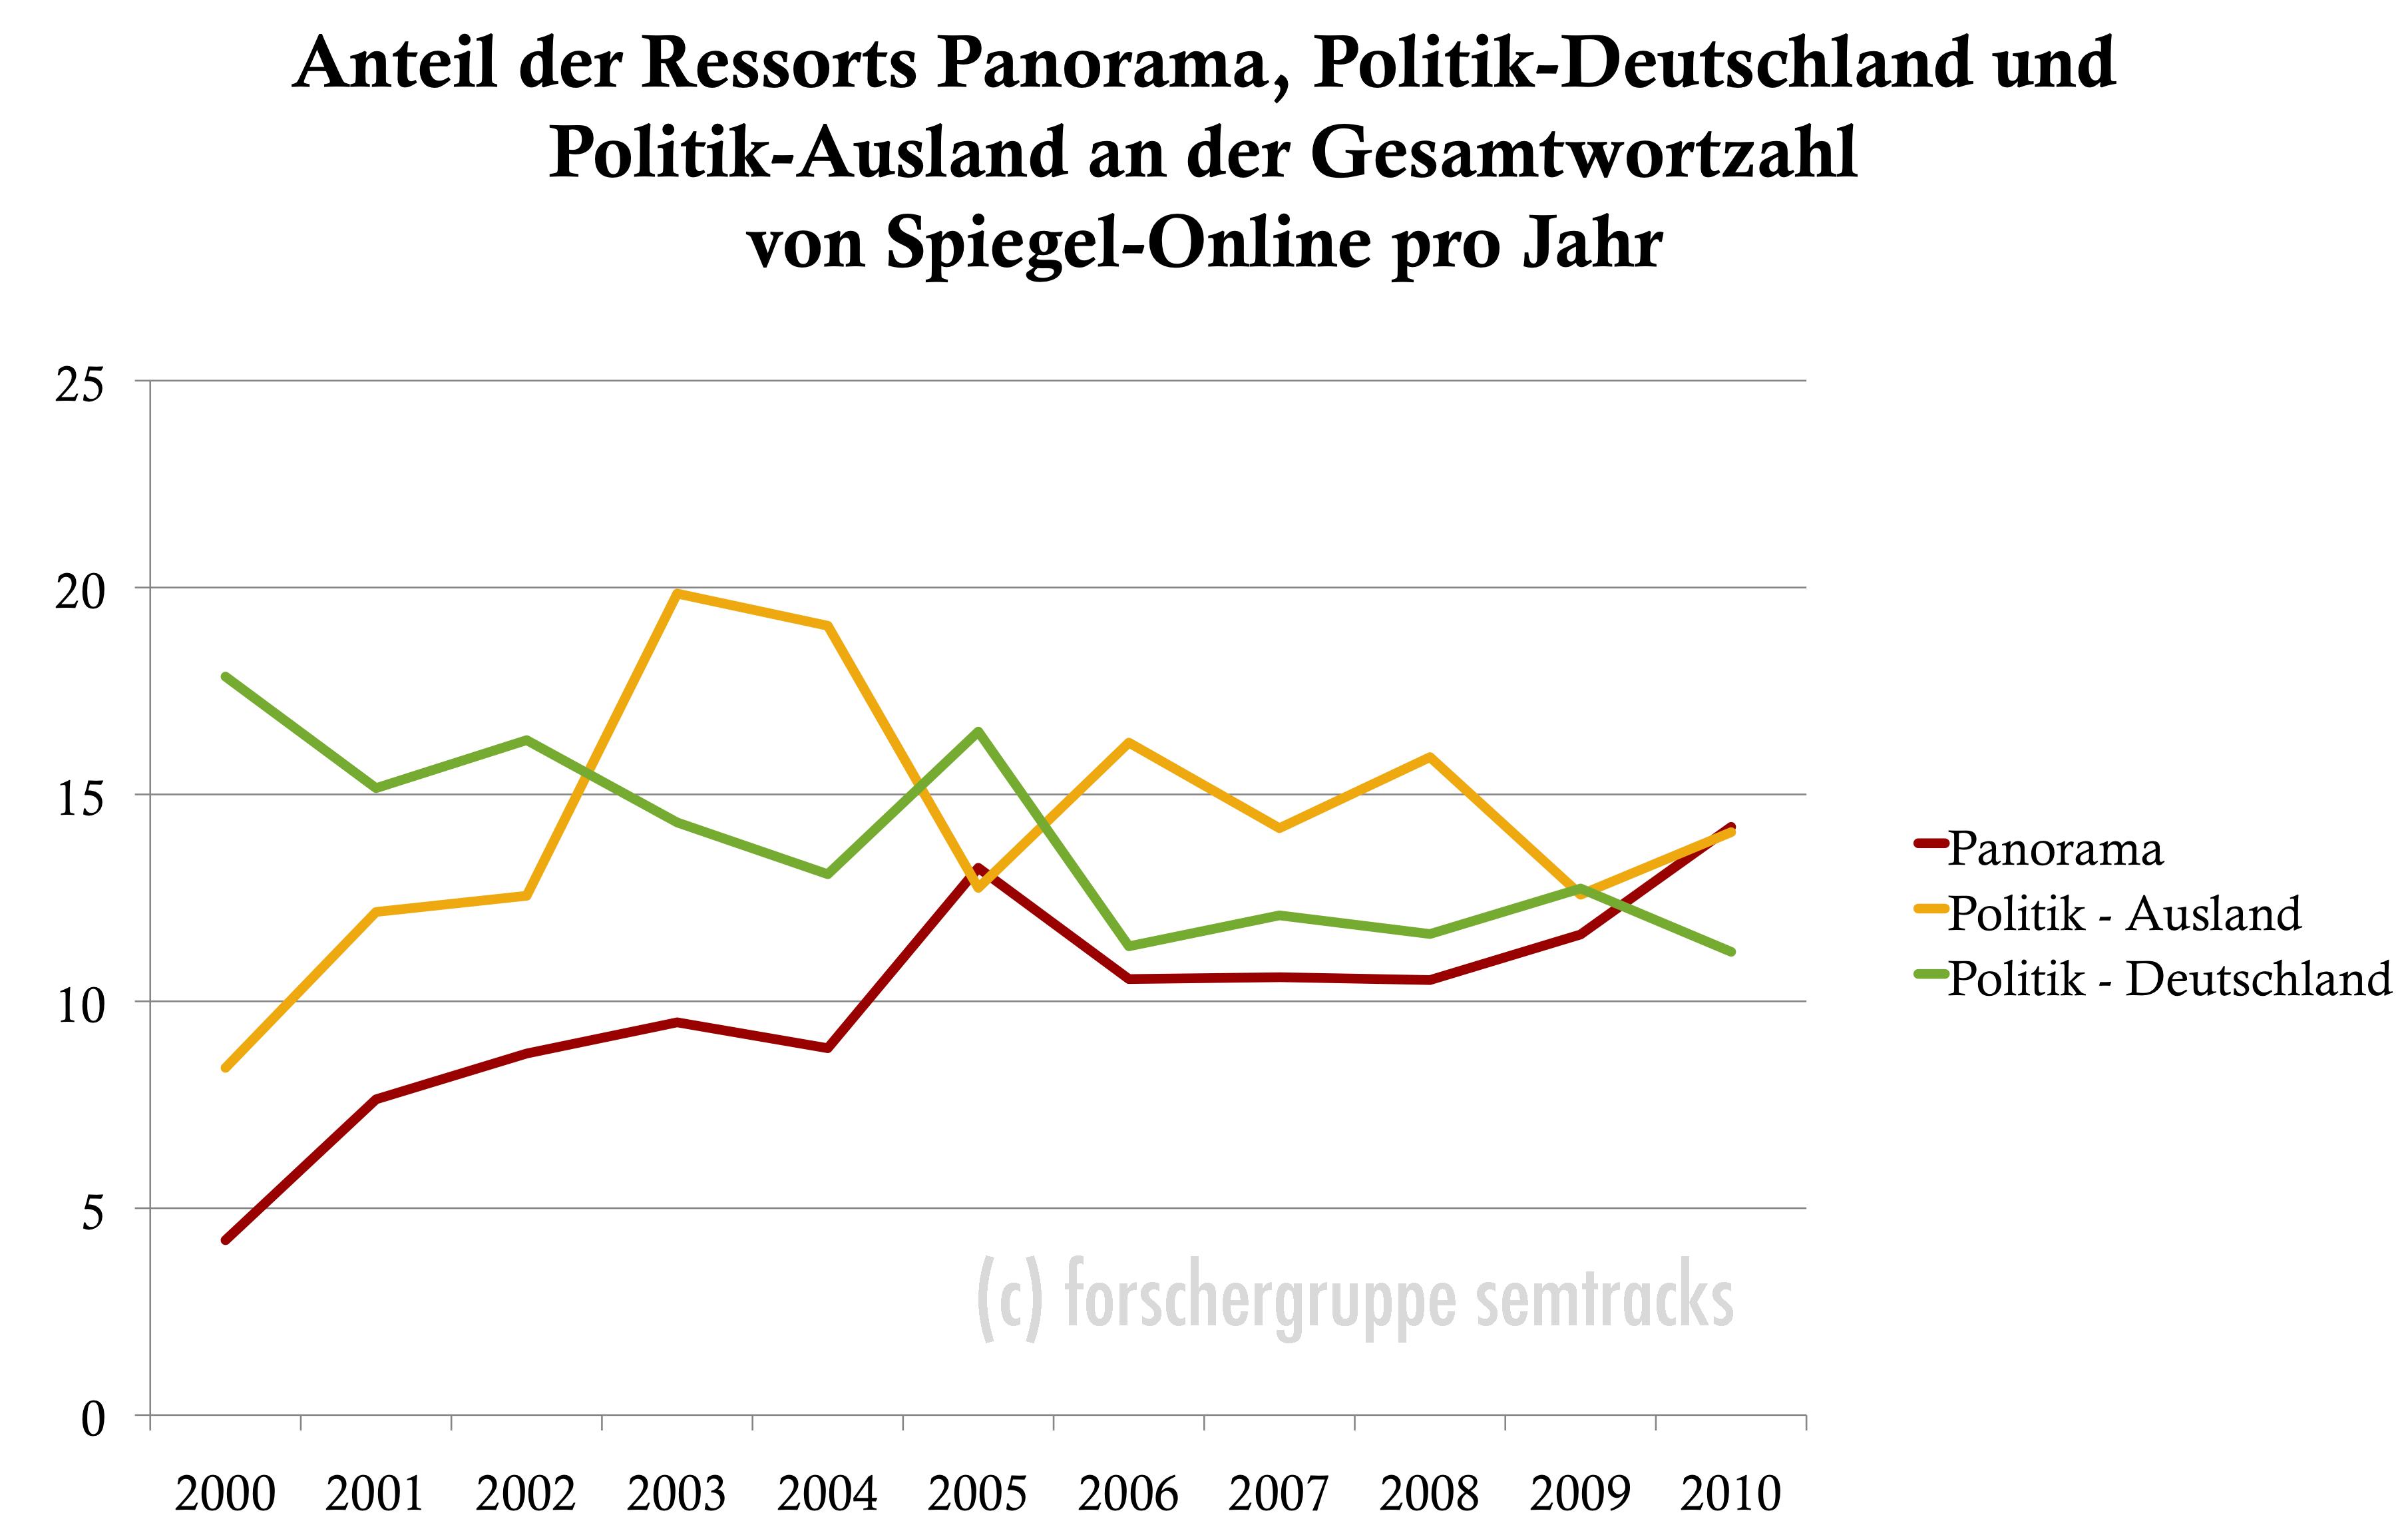 Spiegel Online: Entwicklung der Wortzahl in den Ressorts Panorama und Politik im Vergleich